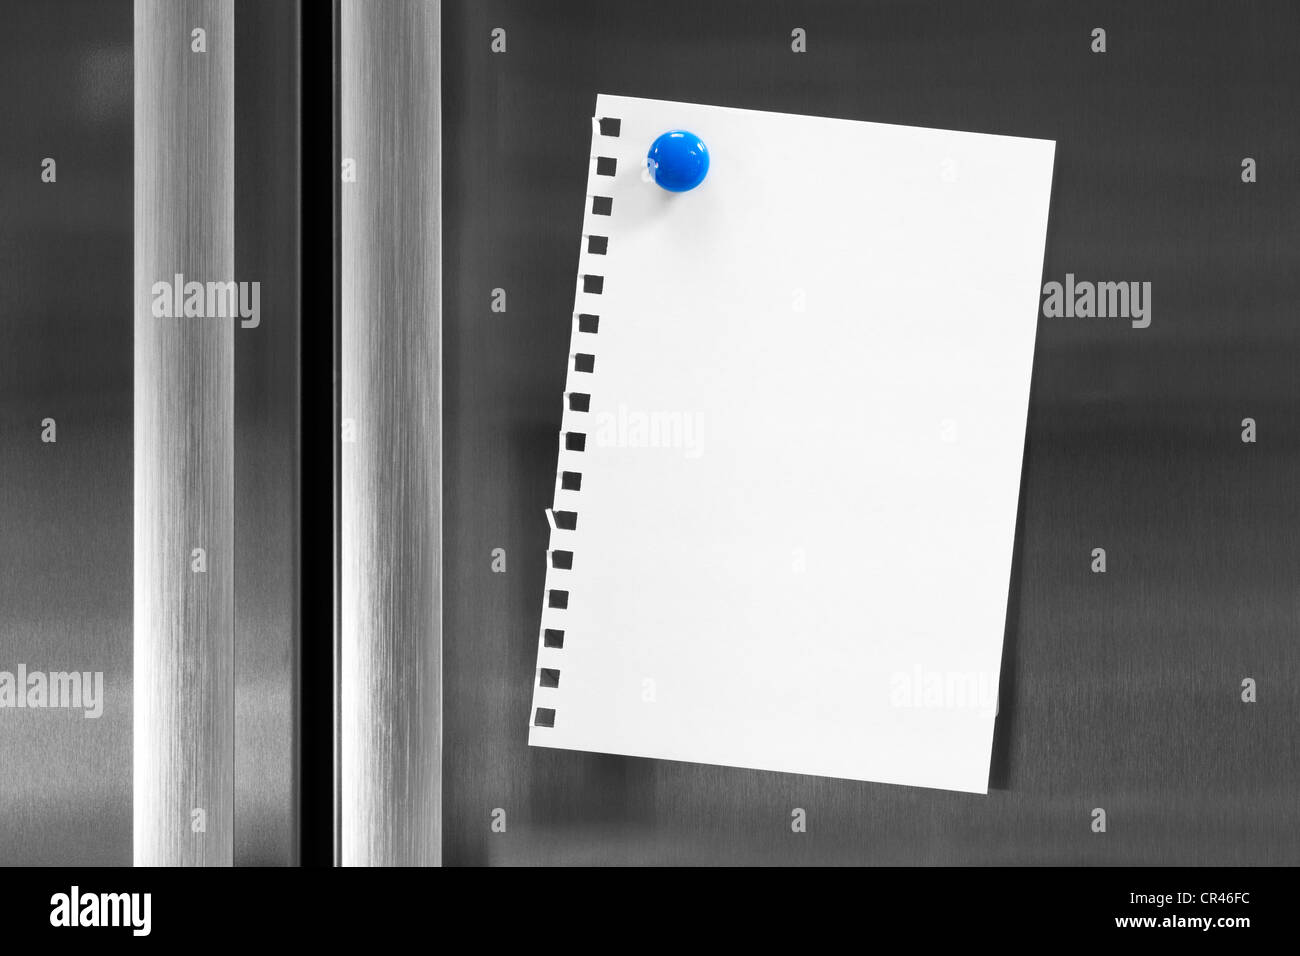 Nota per il testo attaccato al frigo con frigo magnete. Immagini Stock